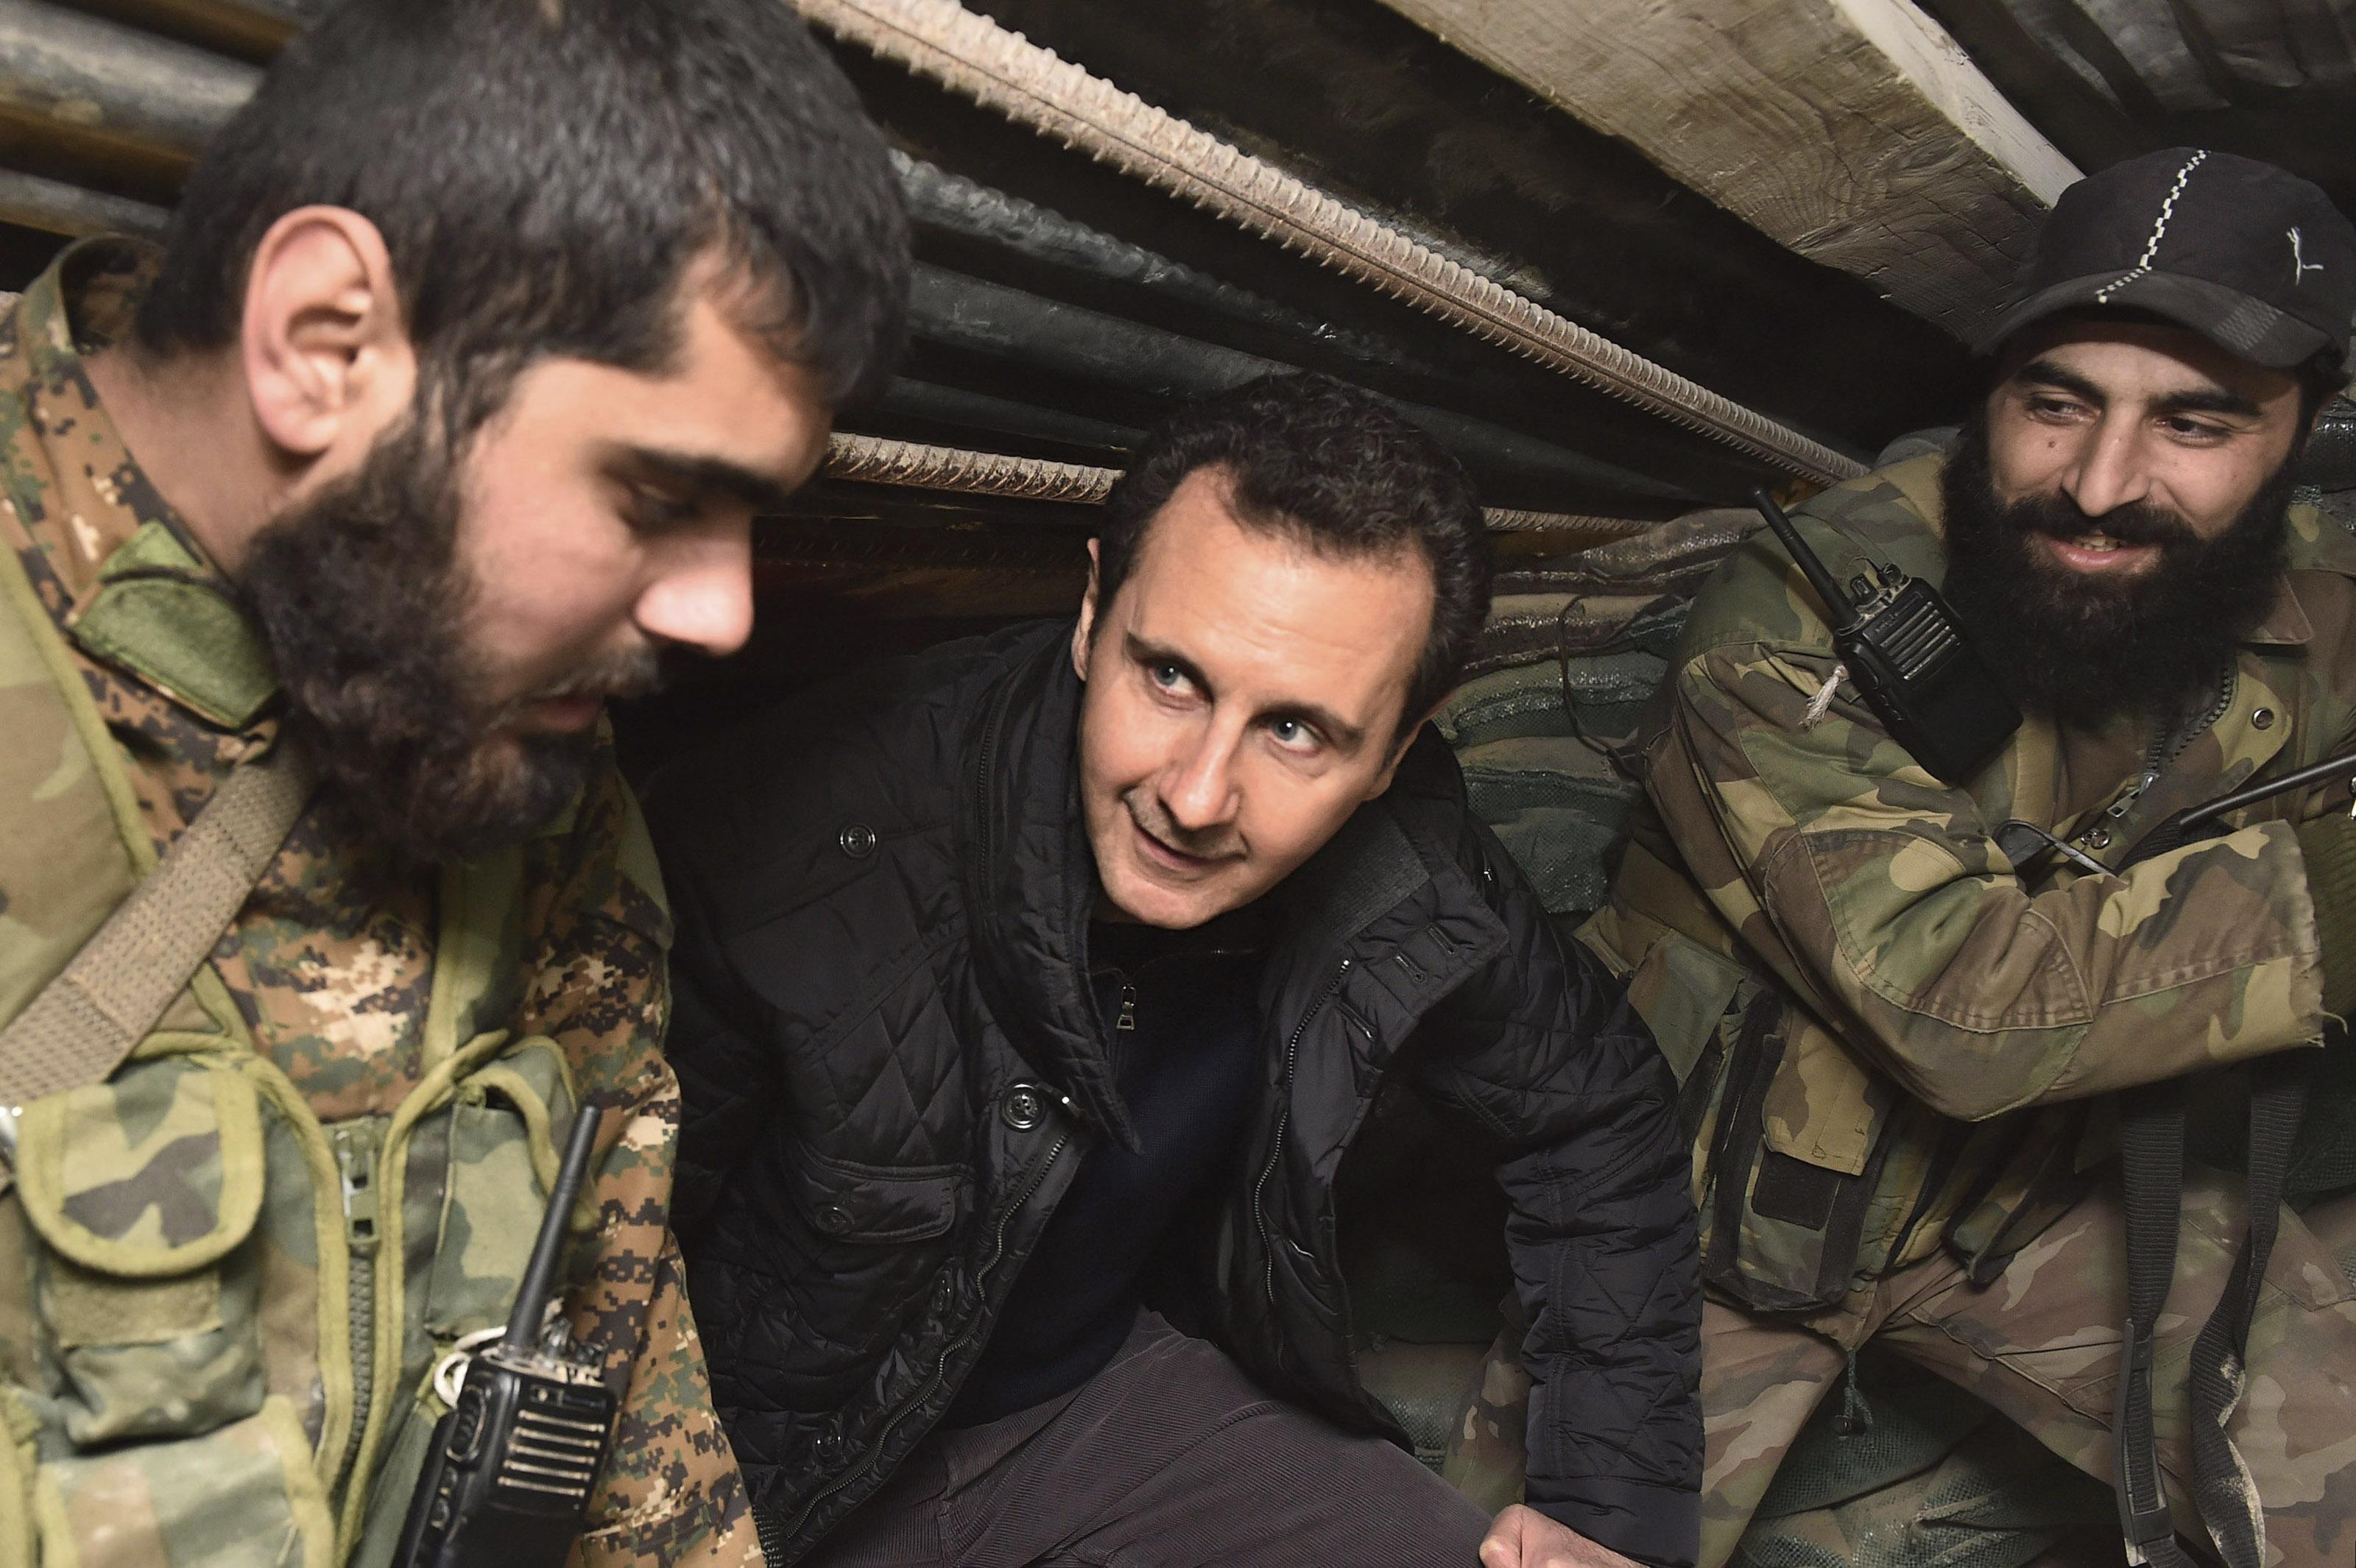 Esad: Çözüm, bütün terörist gruplara karşı kazanılacak zaferdir